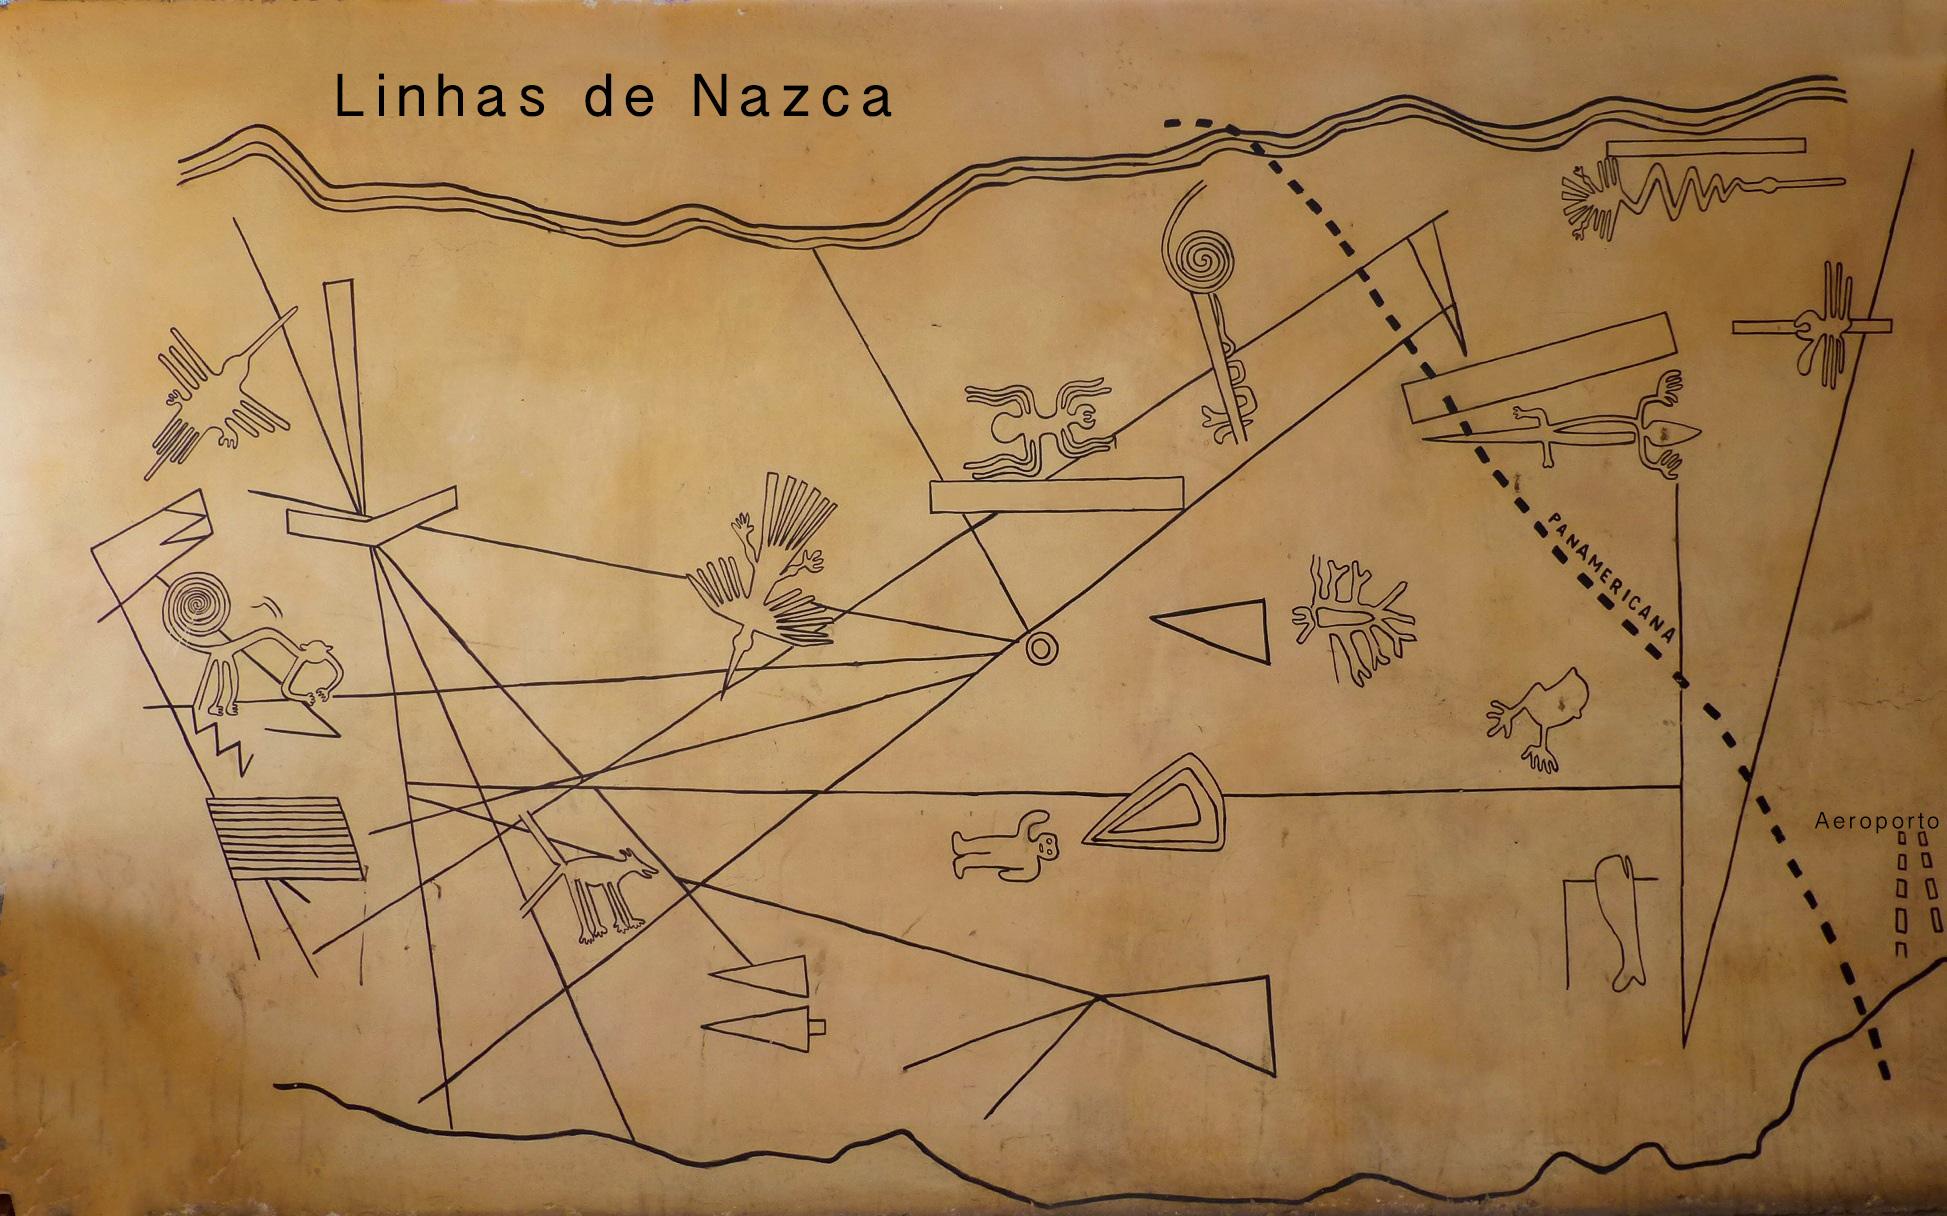 Mapa modificado das Linhas de Nazca (modificação por: Viajar, Ver e Viver)